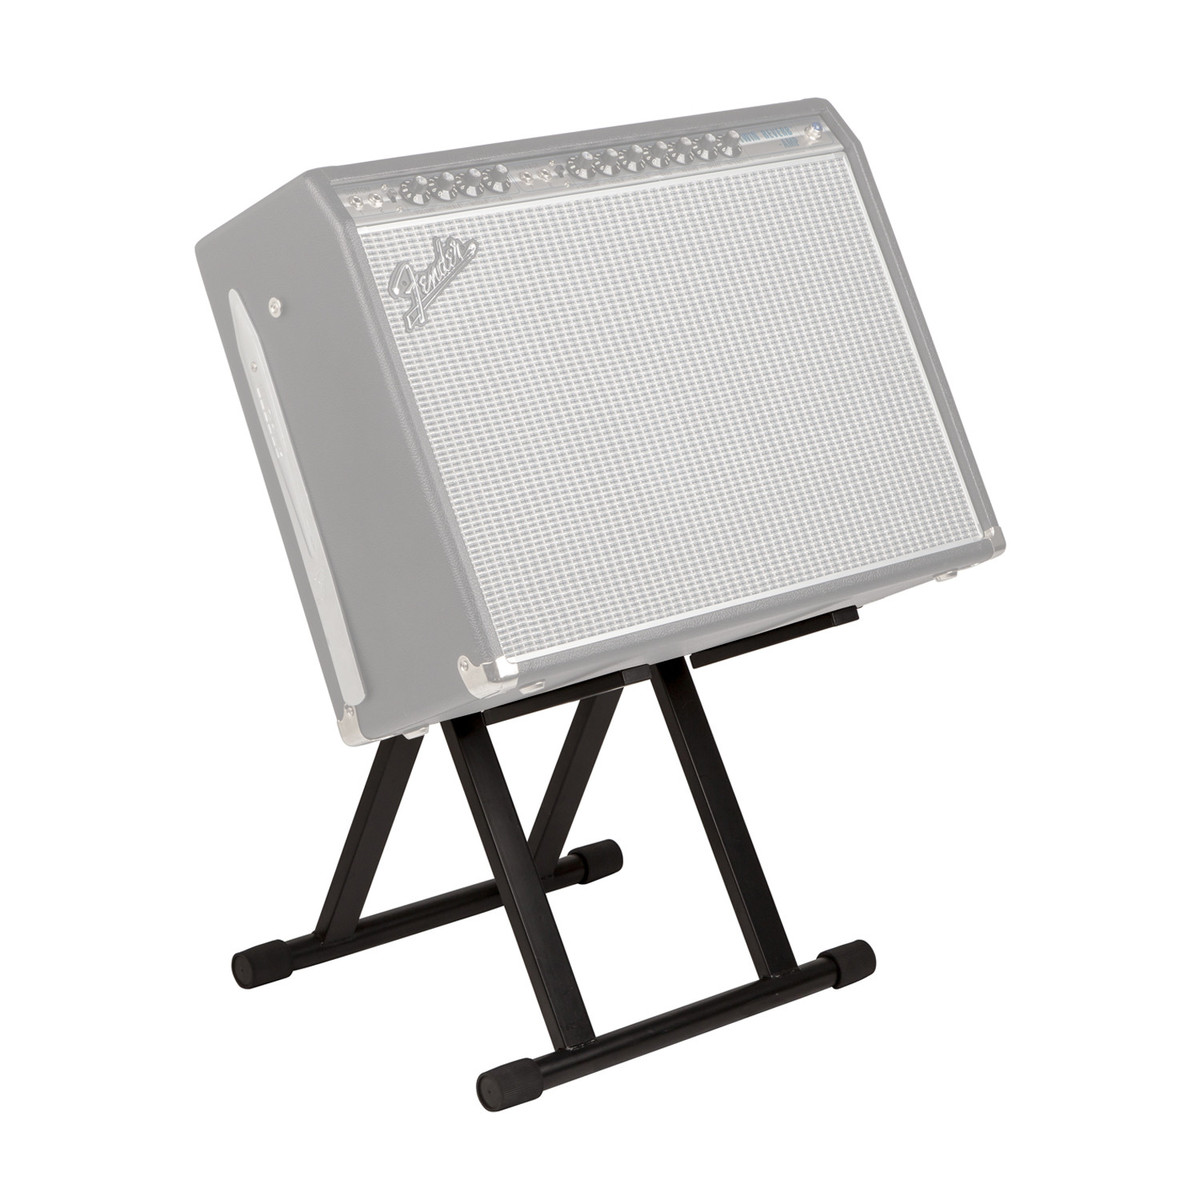 fender amp stand large at gear4music. Black Bedroom Furniture Sets. Home Design Ideas